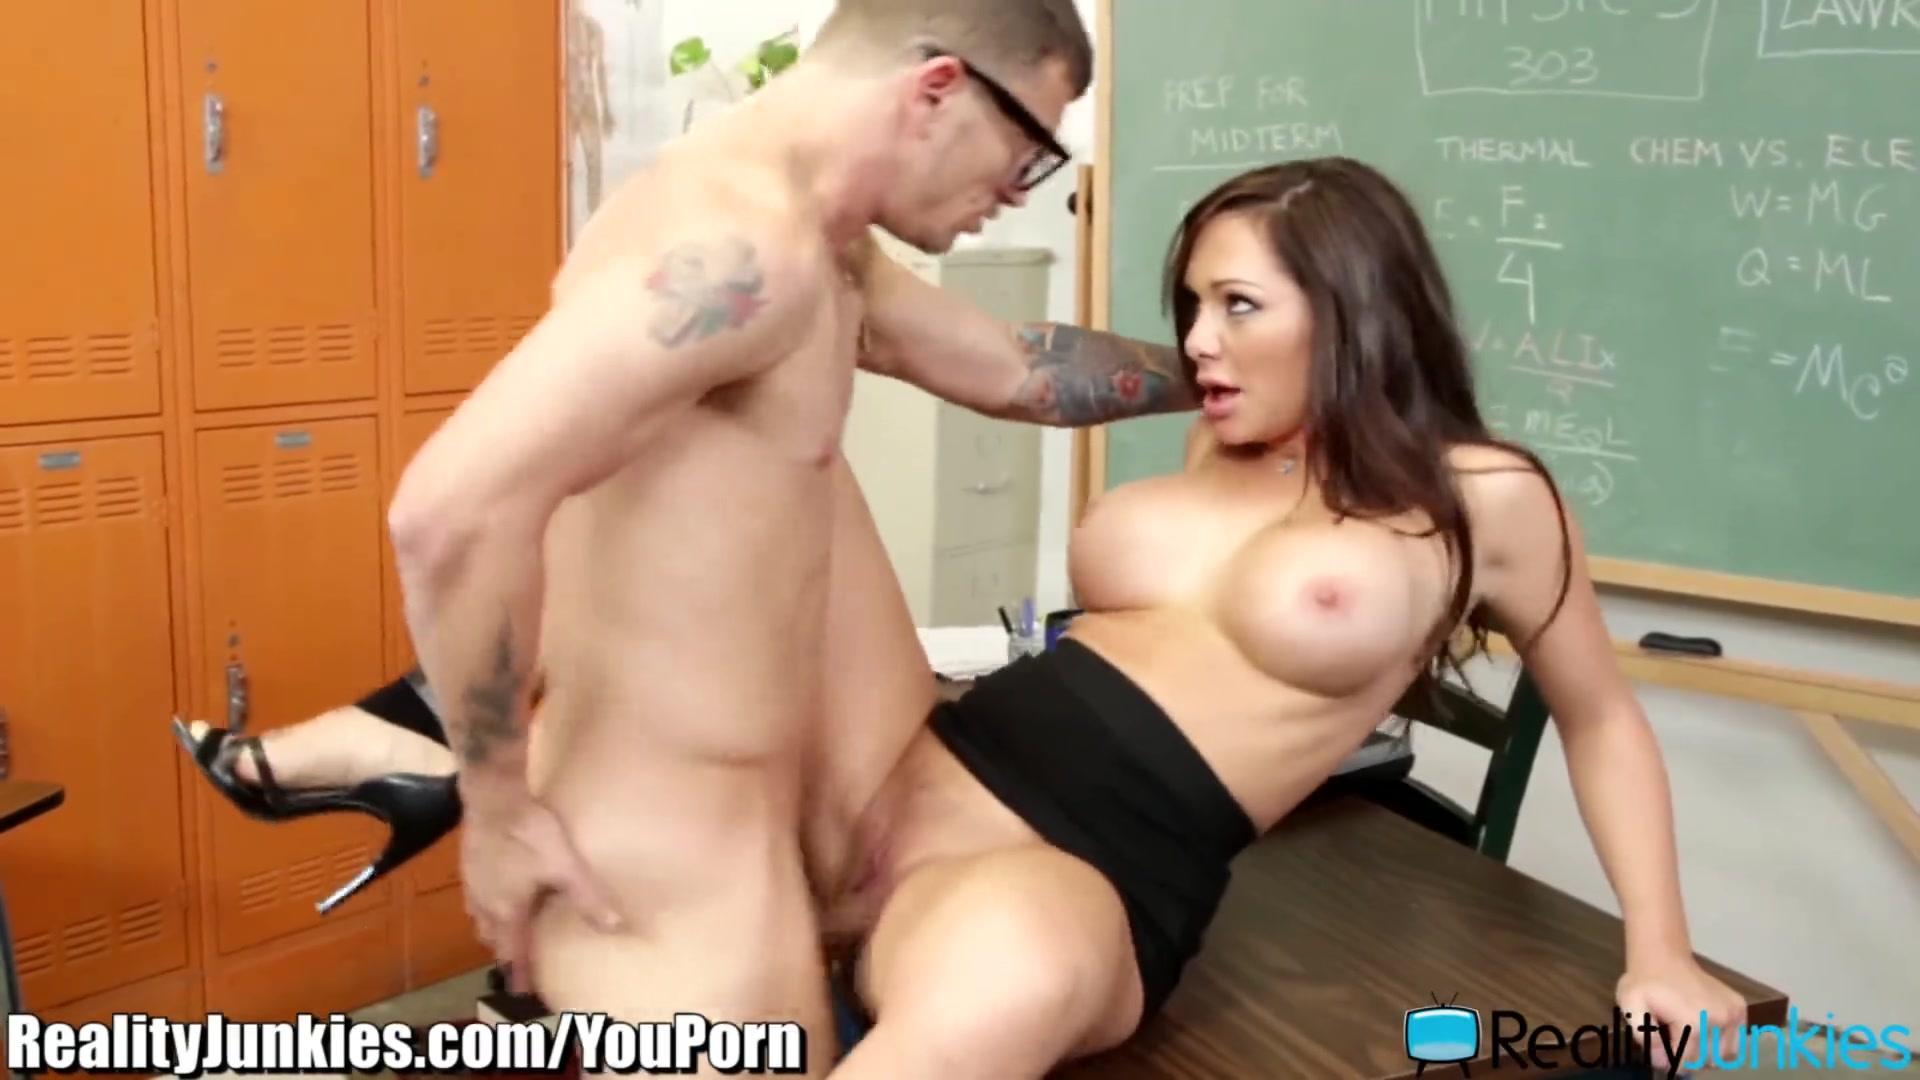 Female Teacher Fucks Student